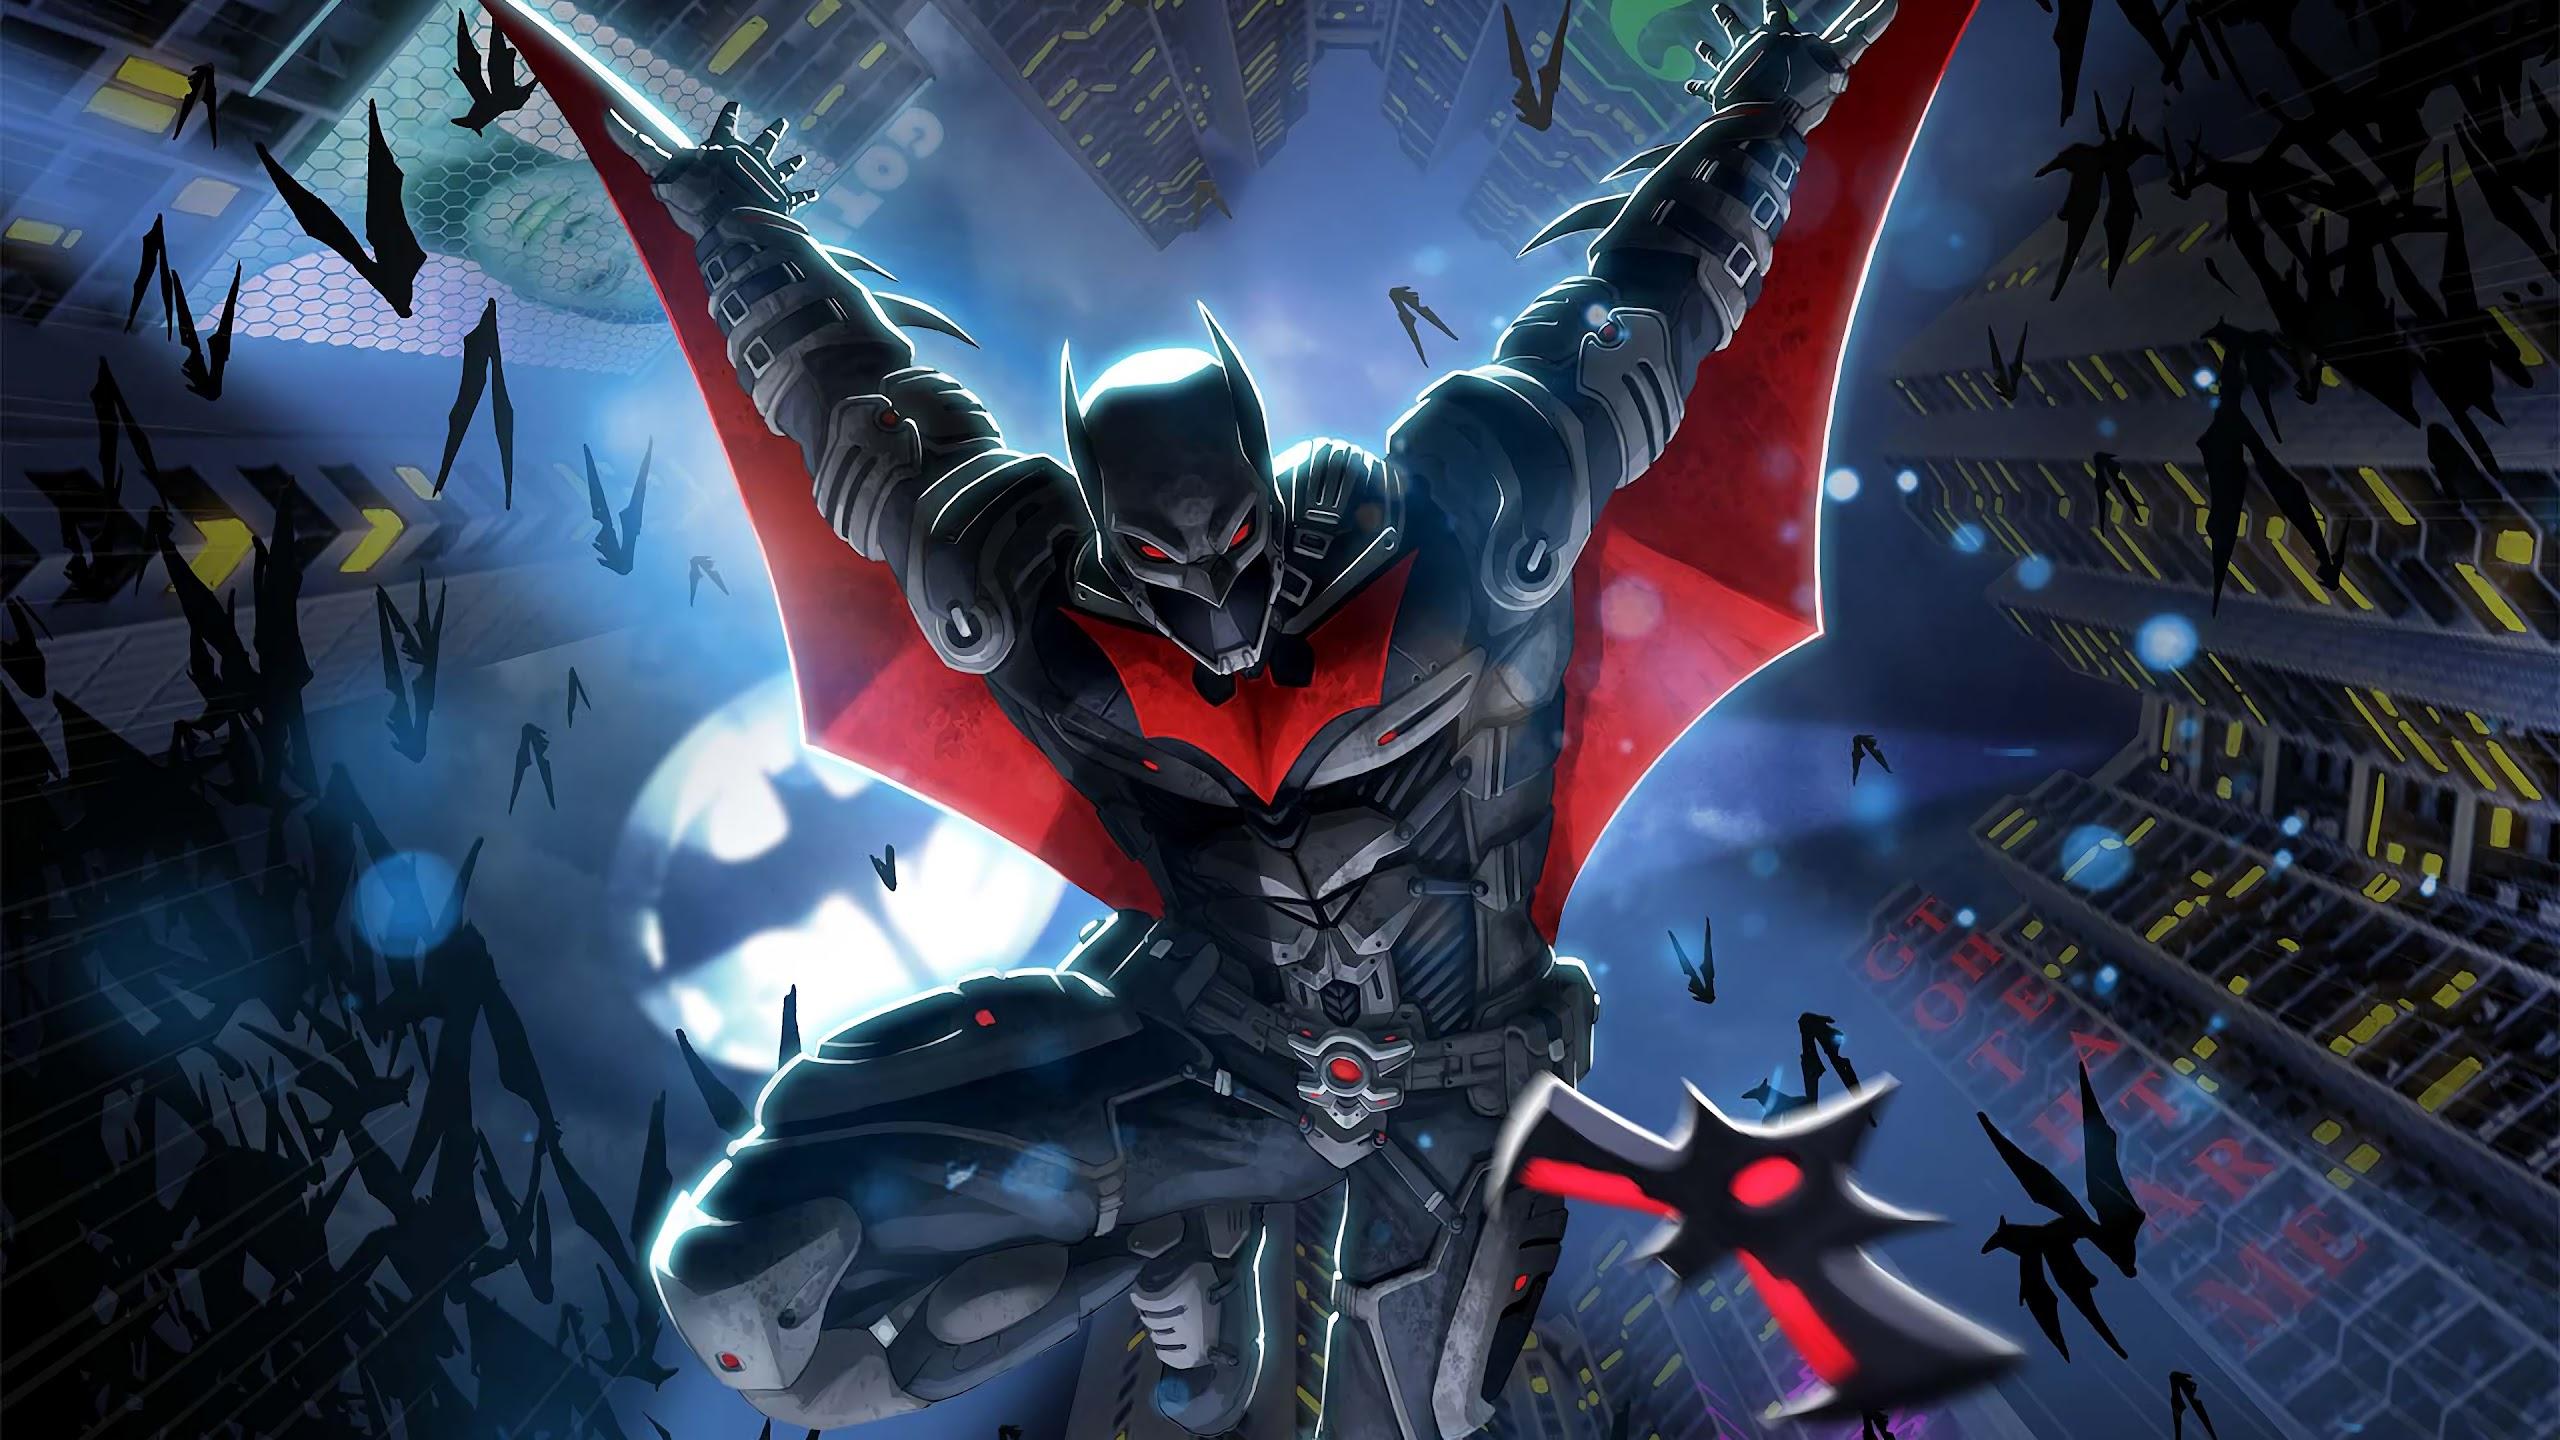 Batman Beyond 4k Wallpaper 177